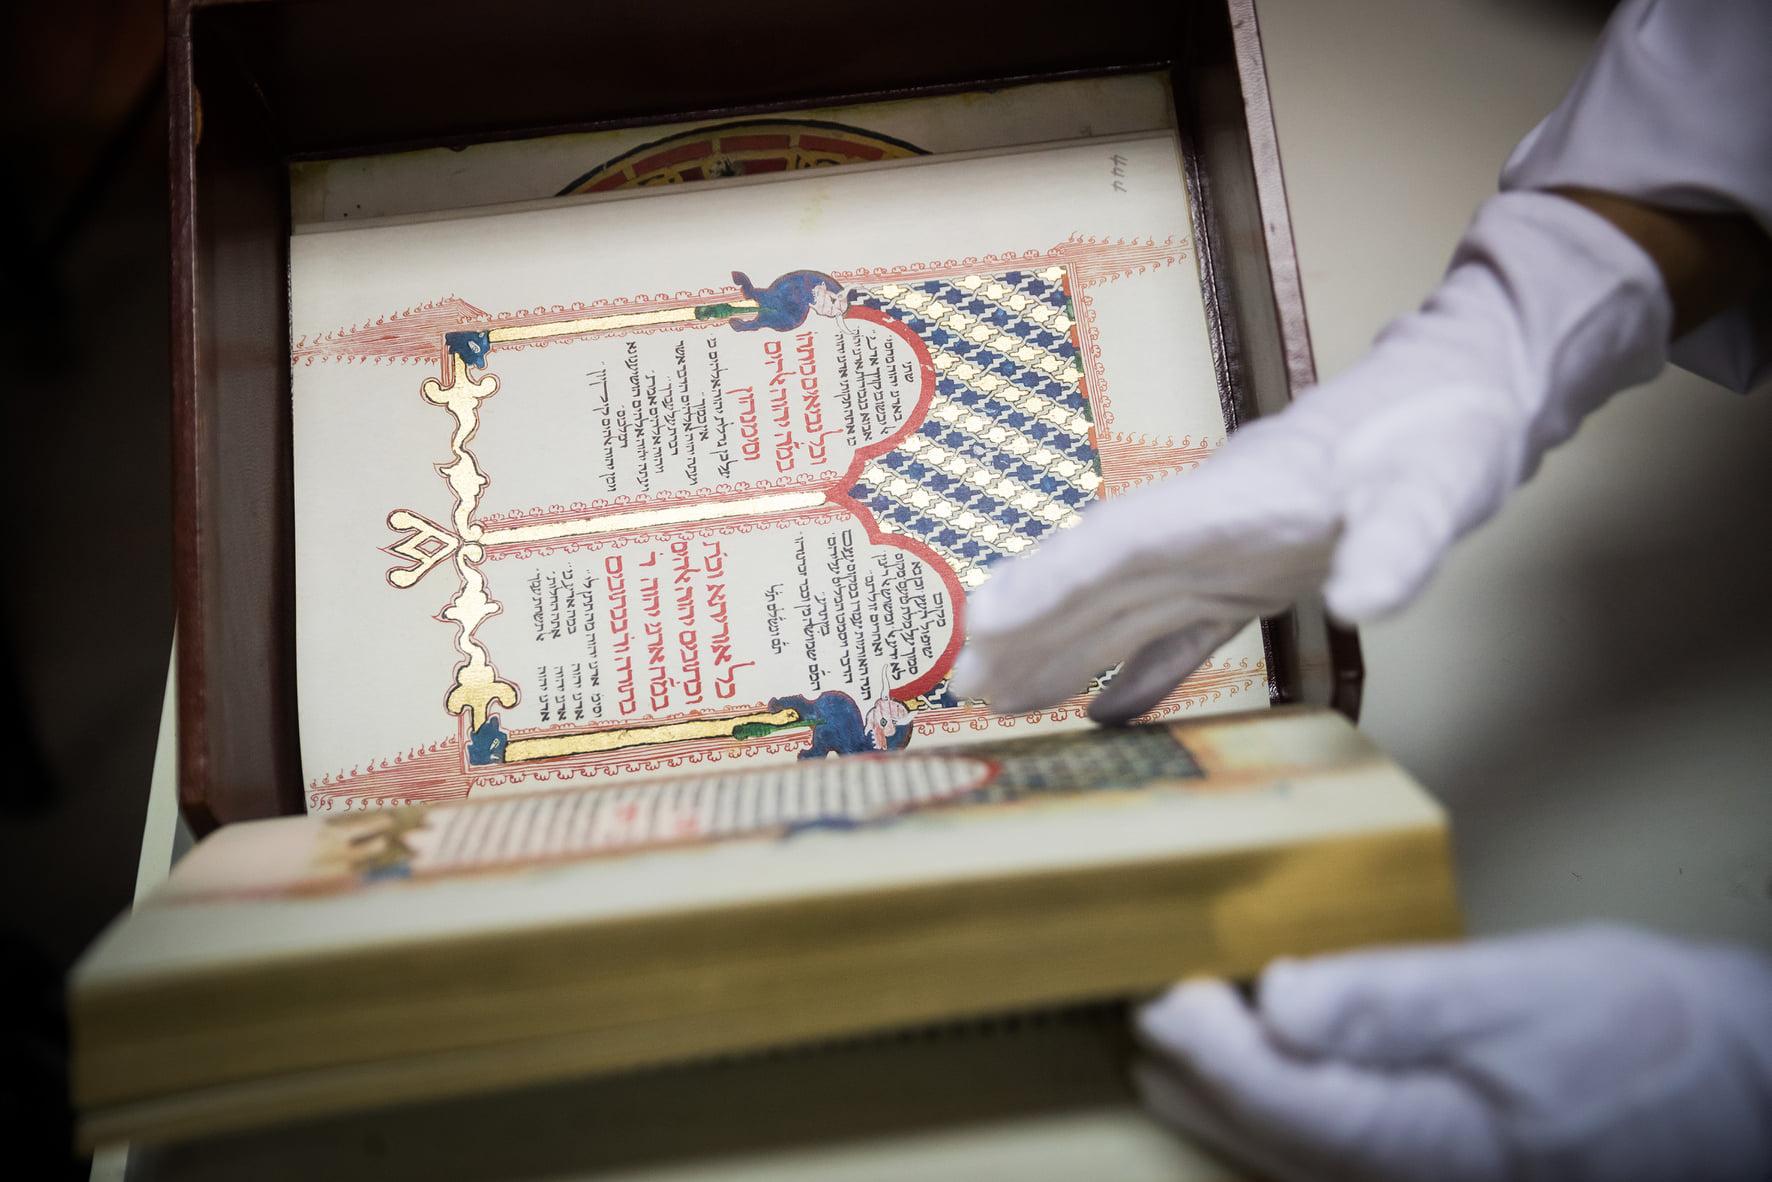 A Biblia Kennicott volve a Galicia 500 anos despois